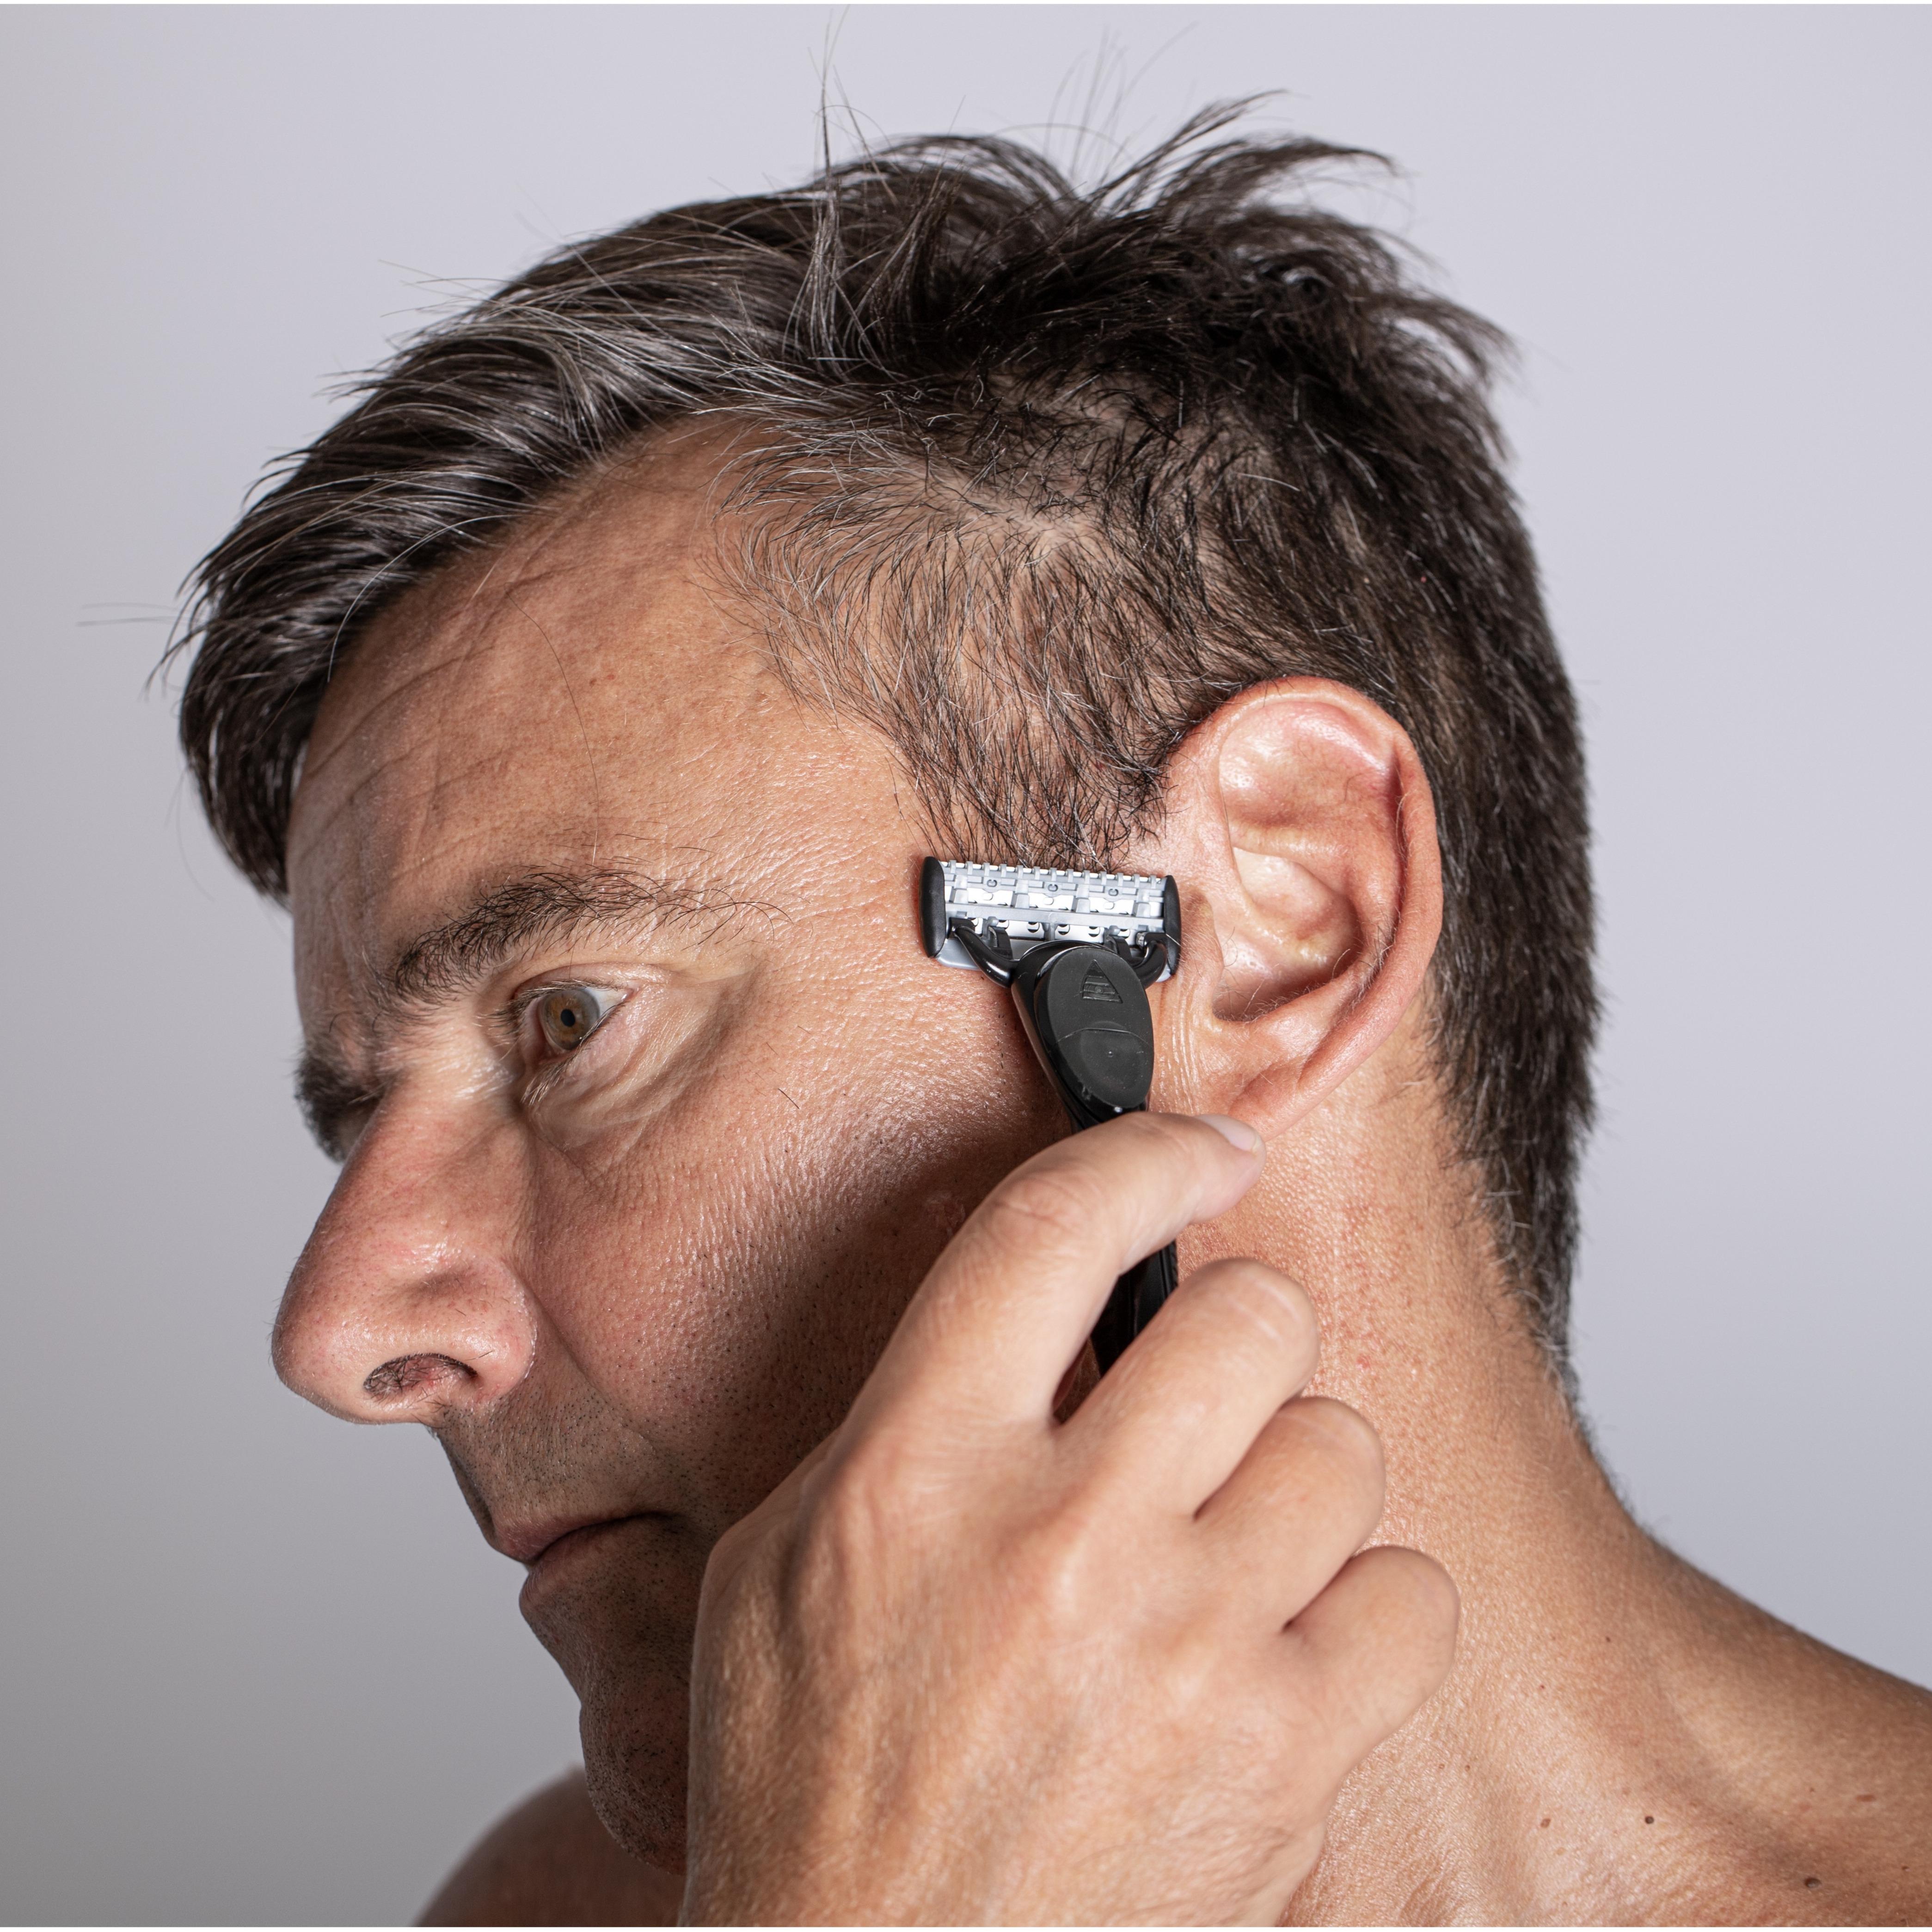 Undgå indgroede hår